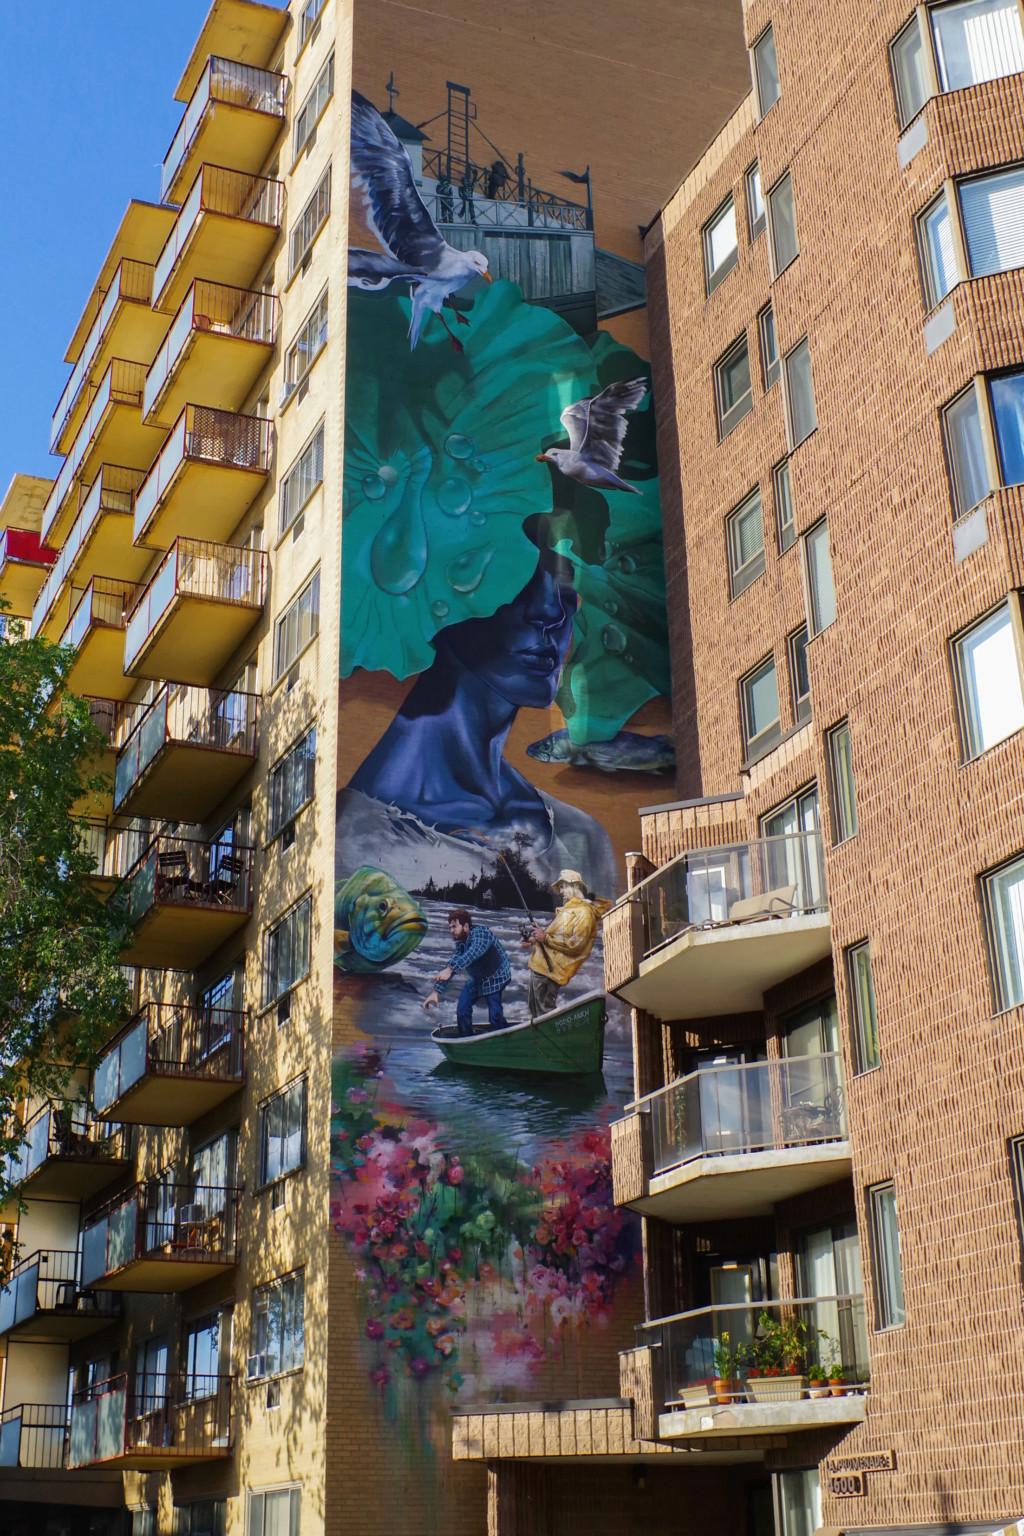 Architecture / Rues / Ambiance de ville / Paysages urbains - Page 13 Kp_82911